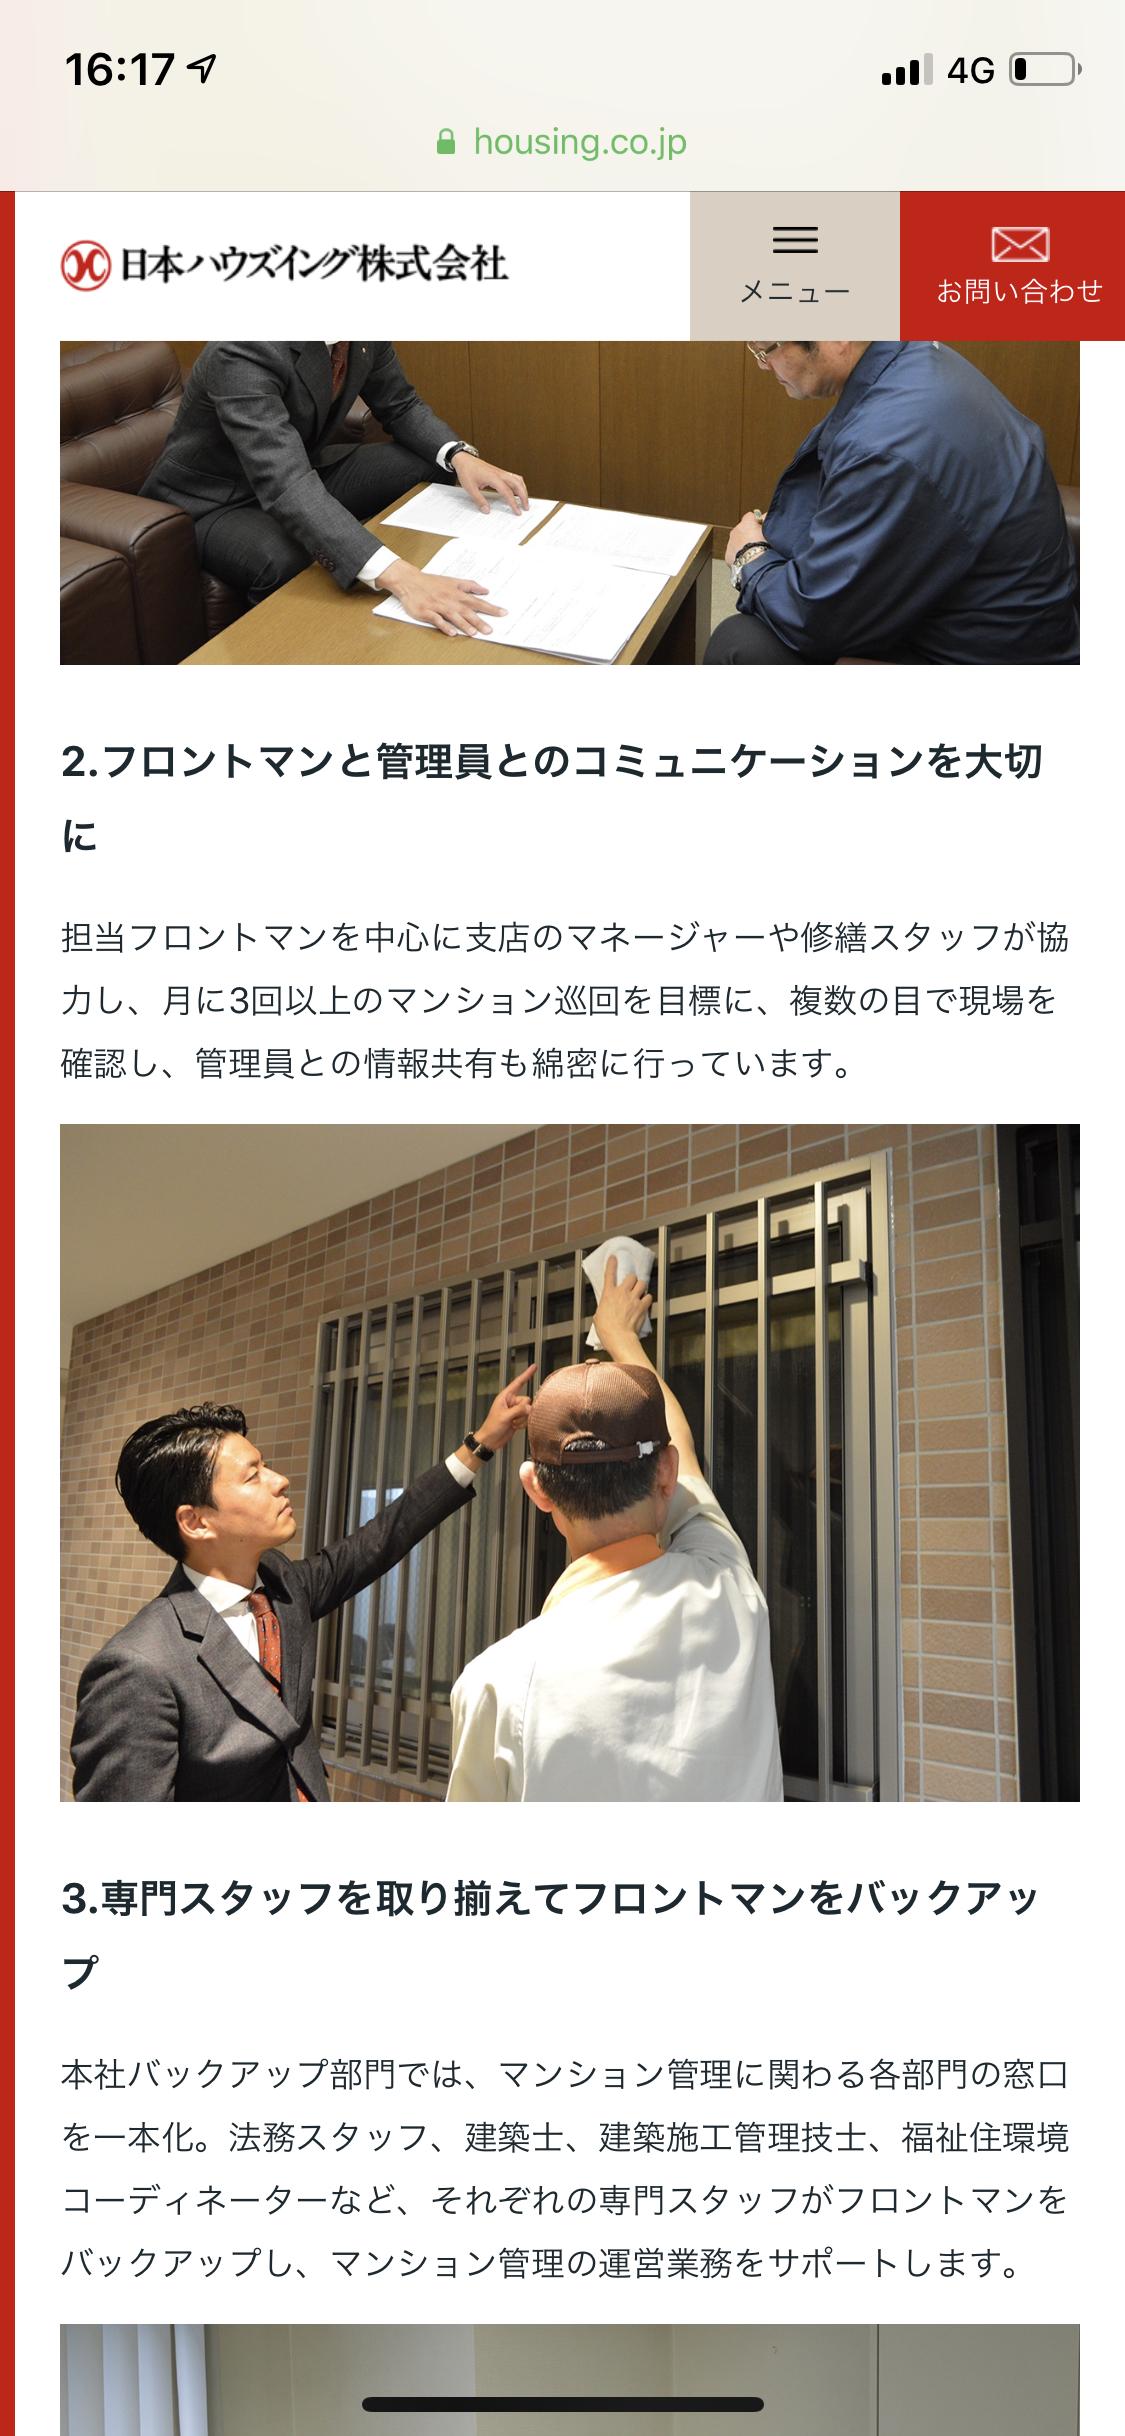 日本 ハウズイング 辞め たい